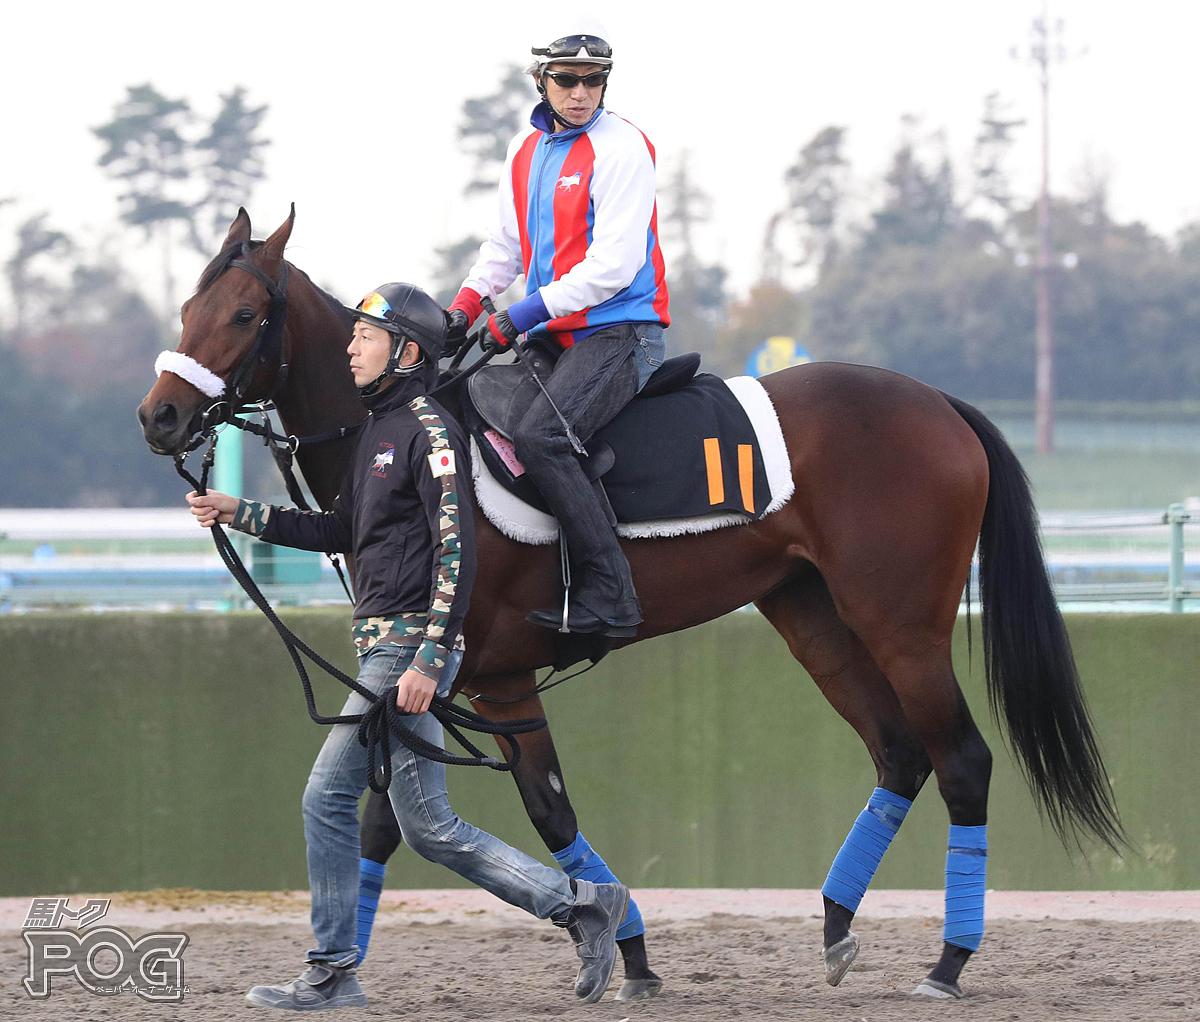 アイワナシーユーの馬体写真